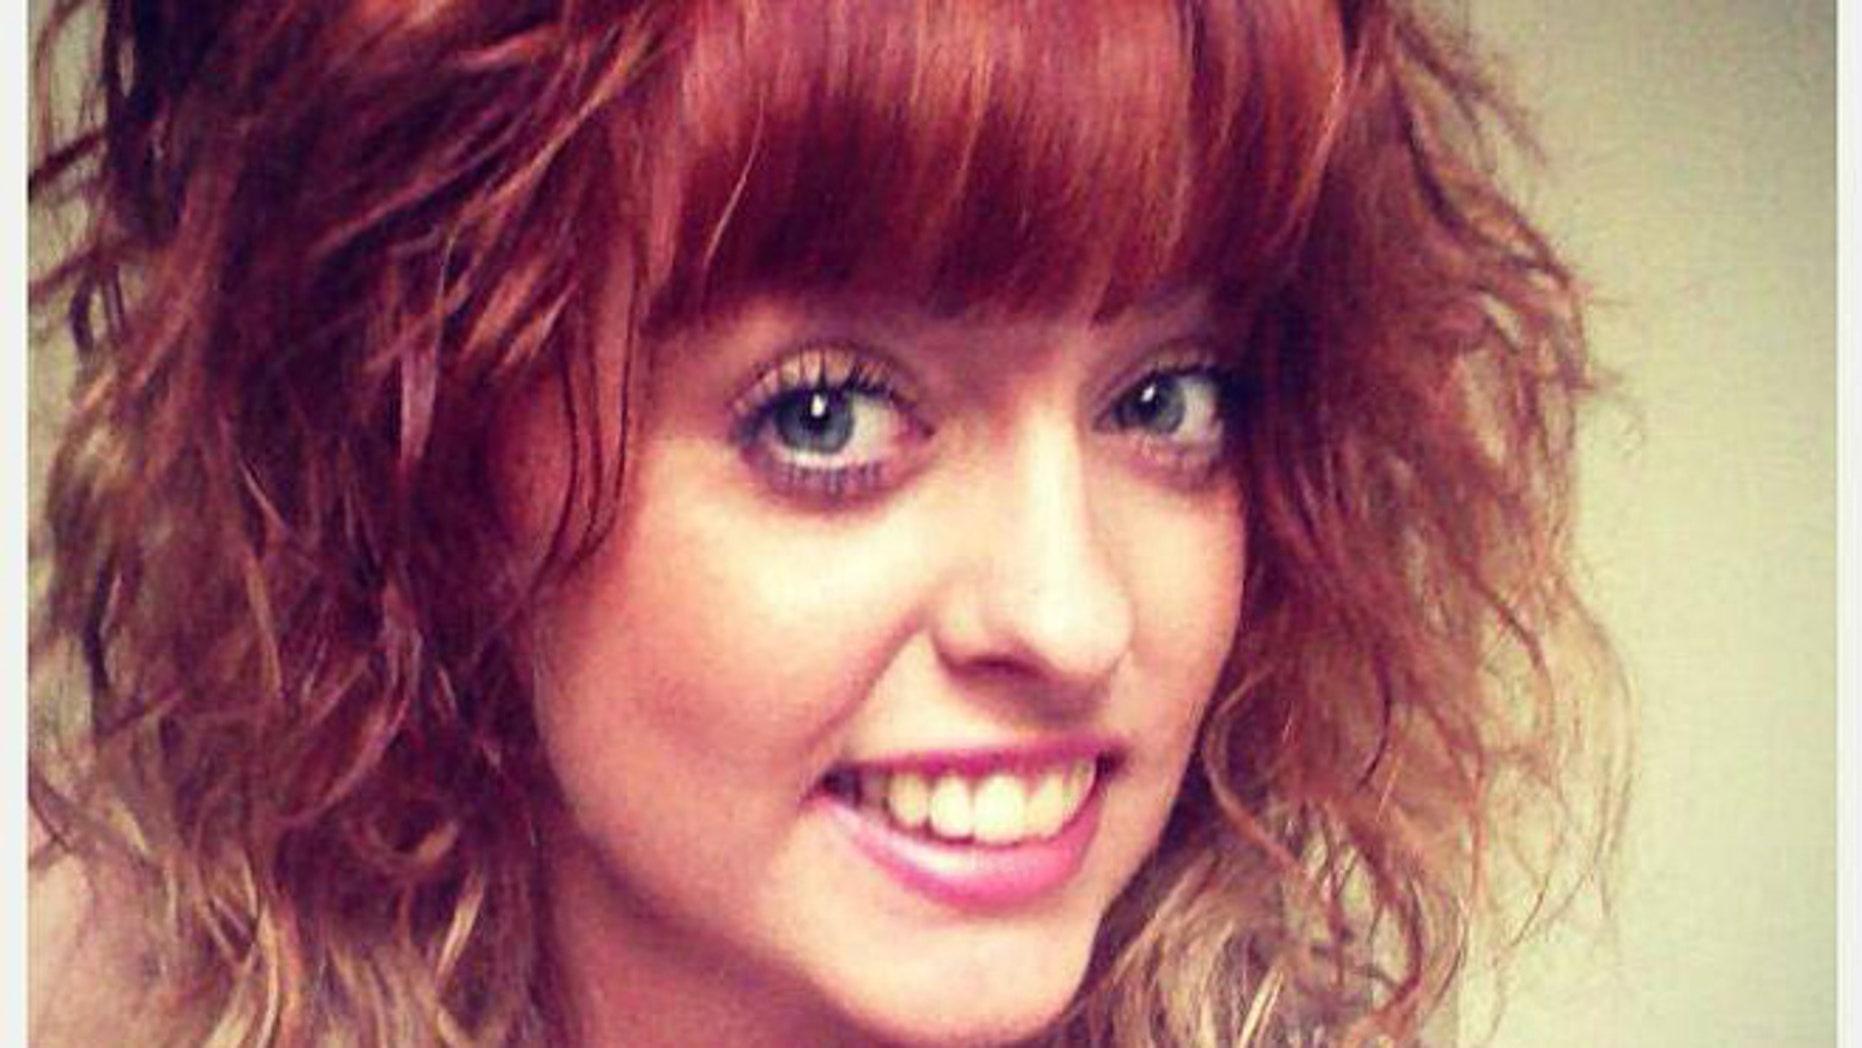 Gazzard was stabbed to death 14 times by her ex-boyfriend.